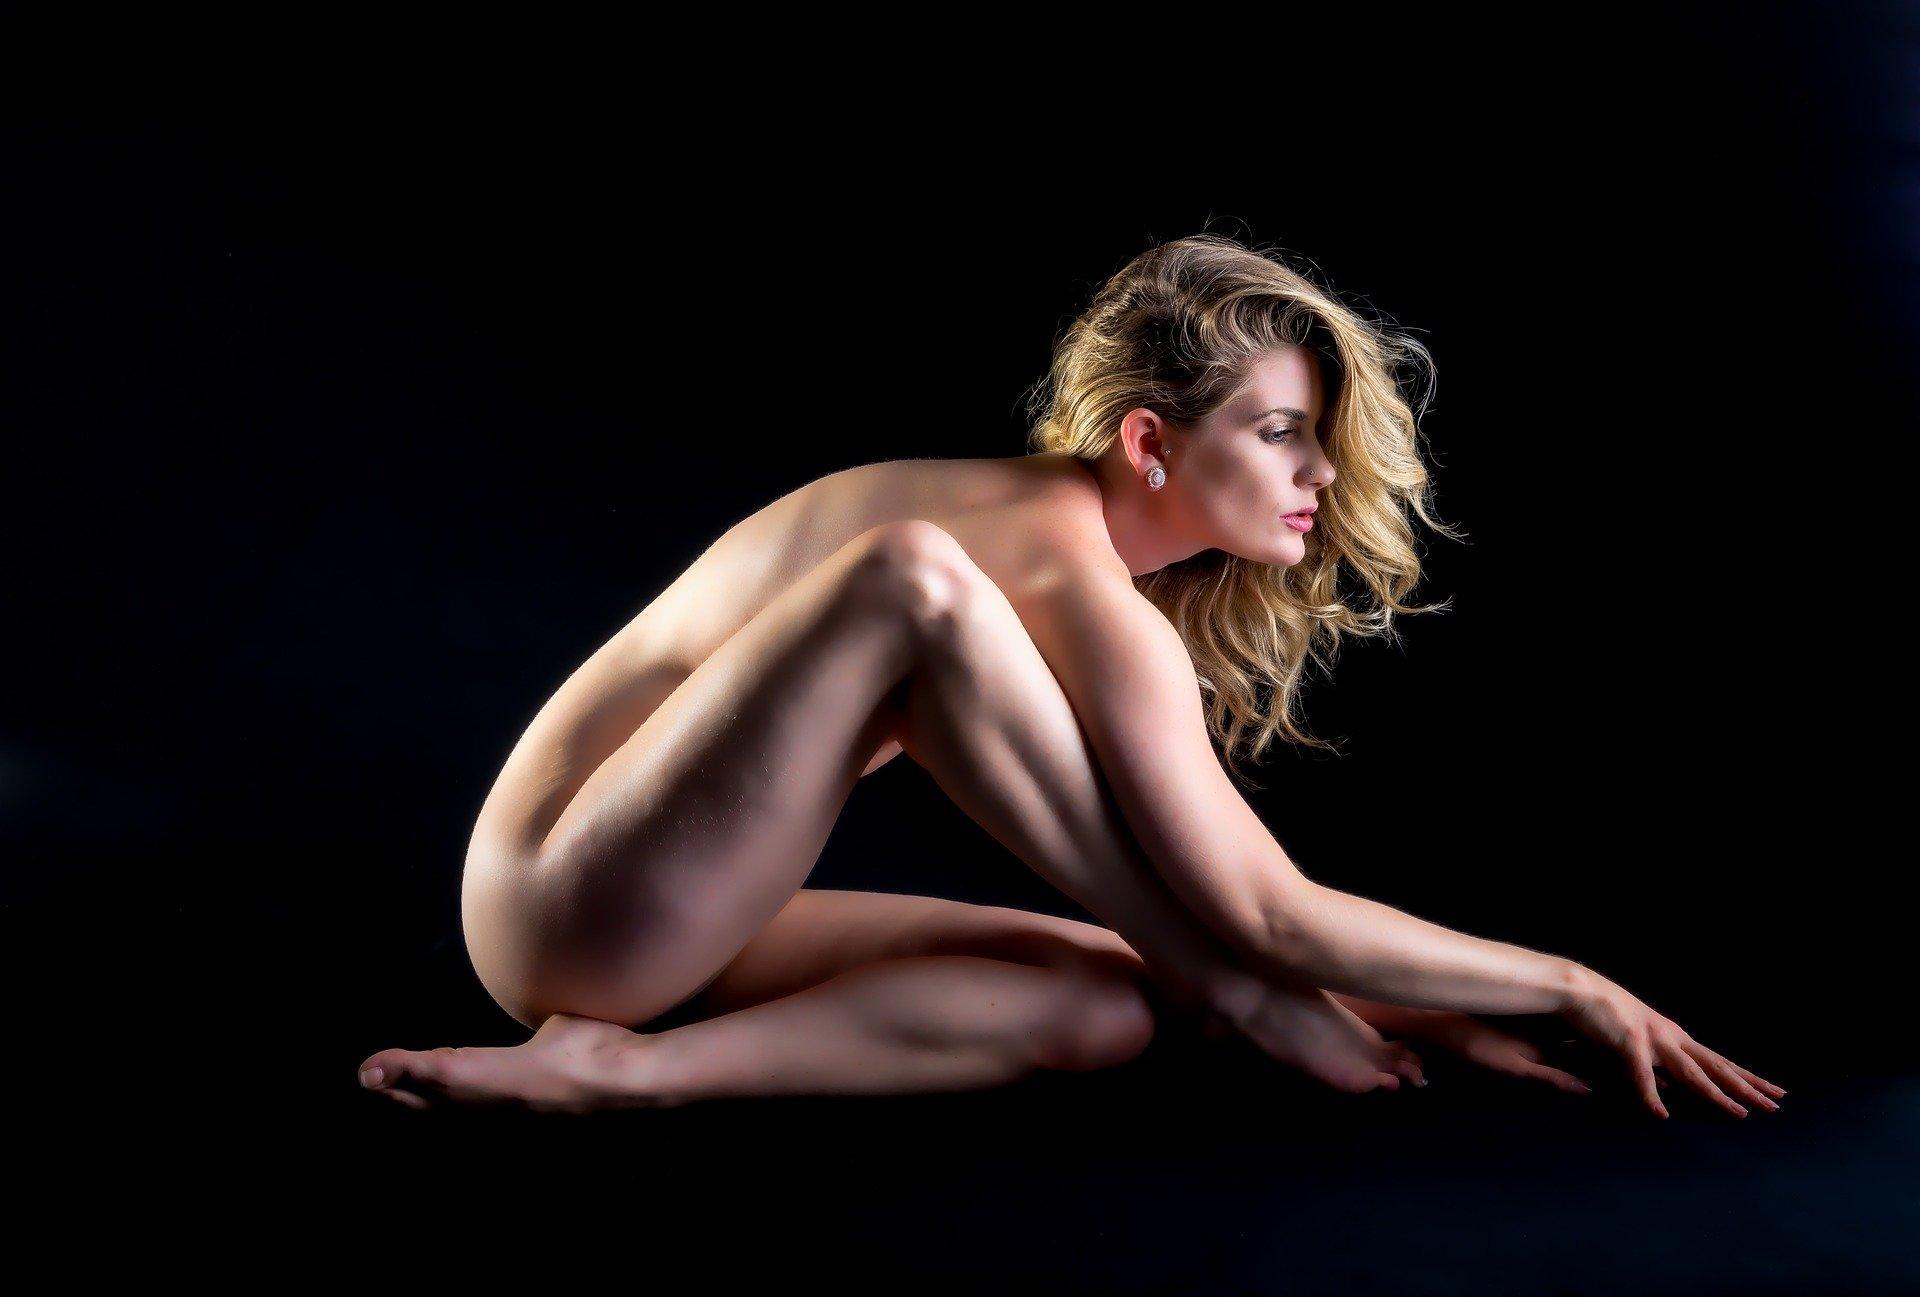 зачет! Извините, голые девушки групповое порно ошибаетесь. Могу